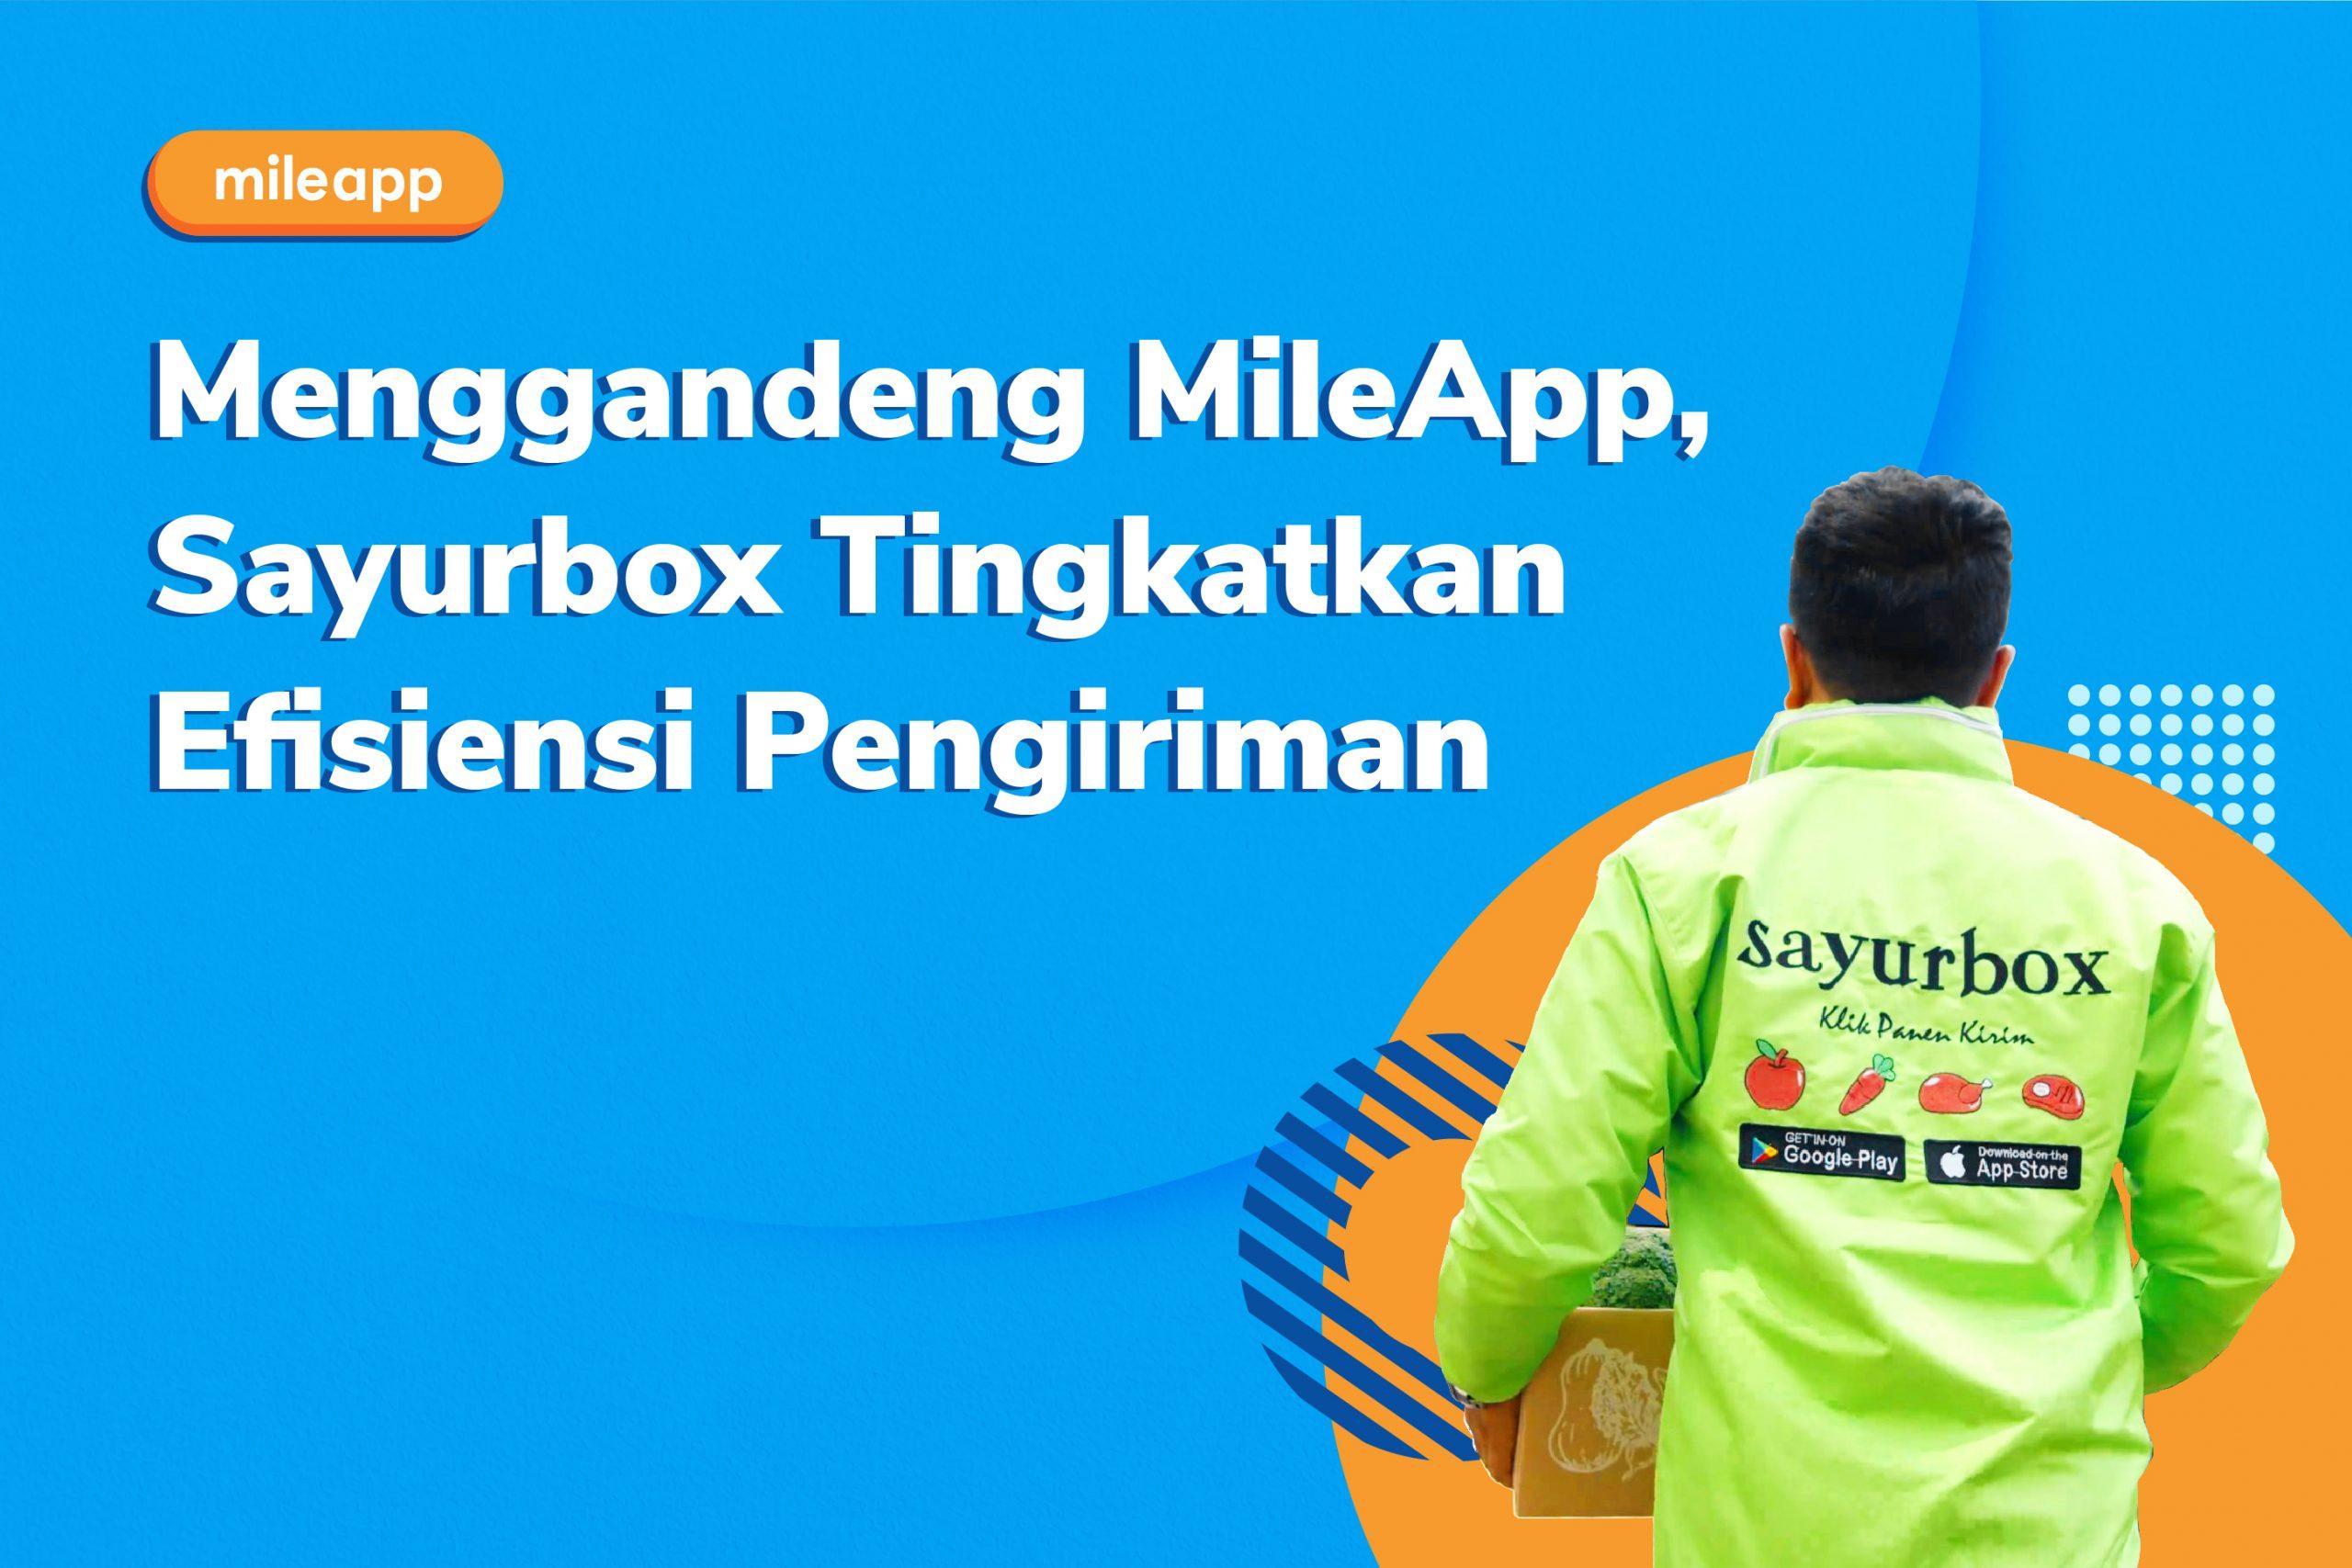 Menggandeng MileApp Sayurbox Tingkatkan Efisiensi Pengiriman